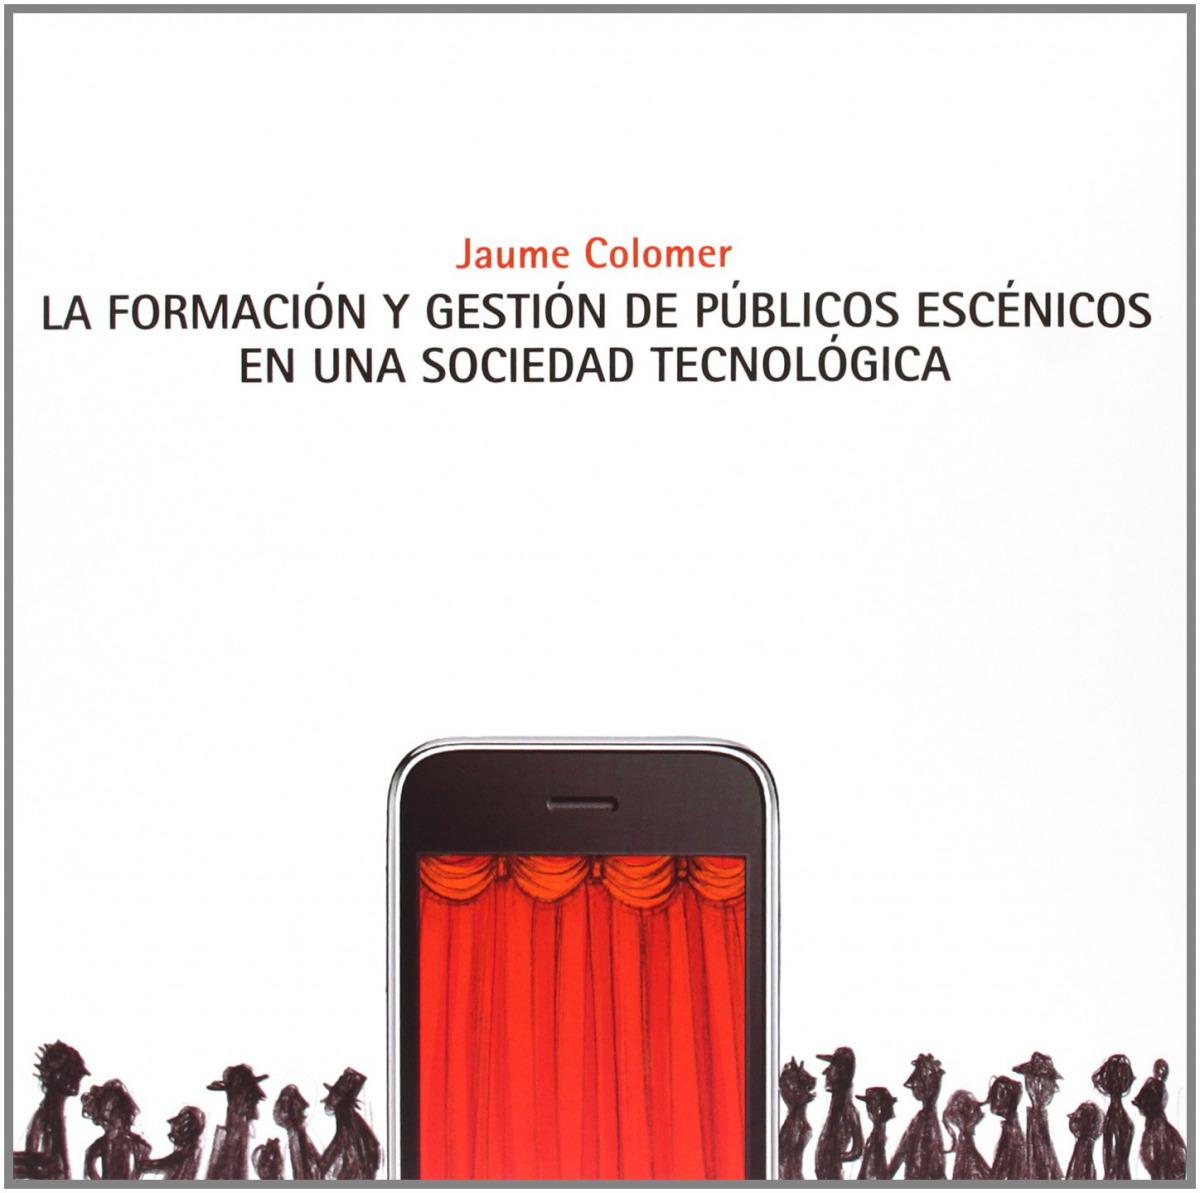 FORMACIÓN Y GESTIÓN DE PÚBLICOS ESCÈNICOS EN UNA SOCIEDAD TECNOLÓGICA